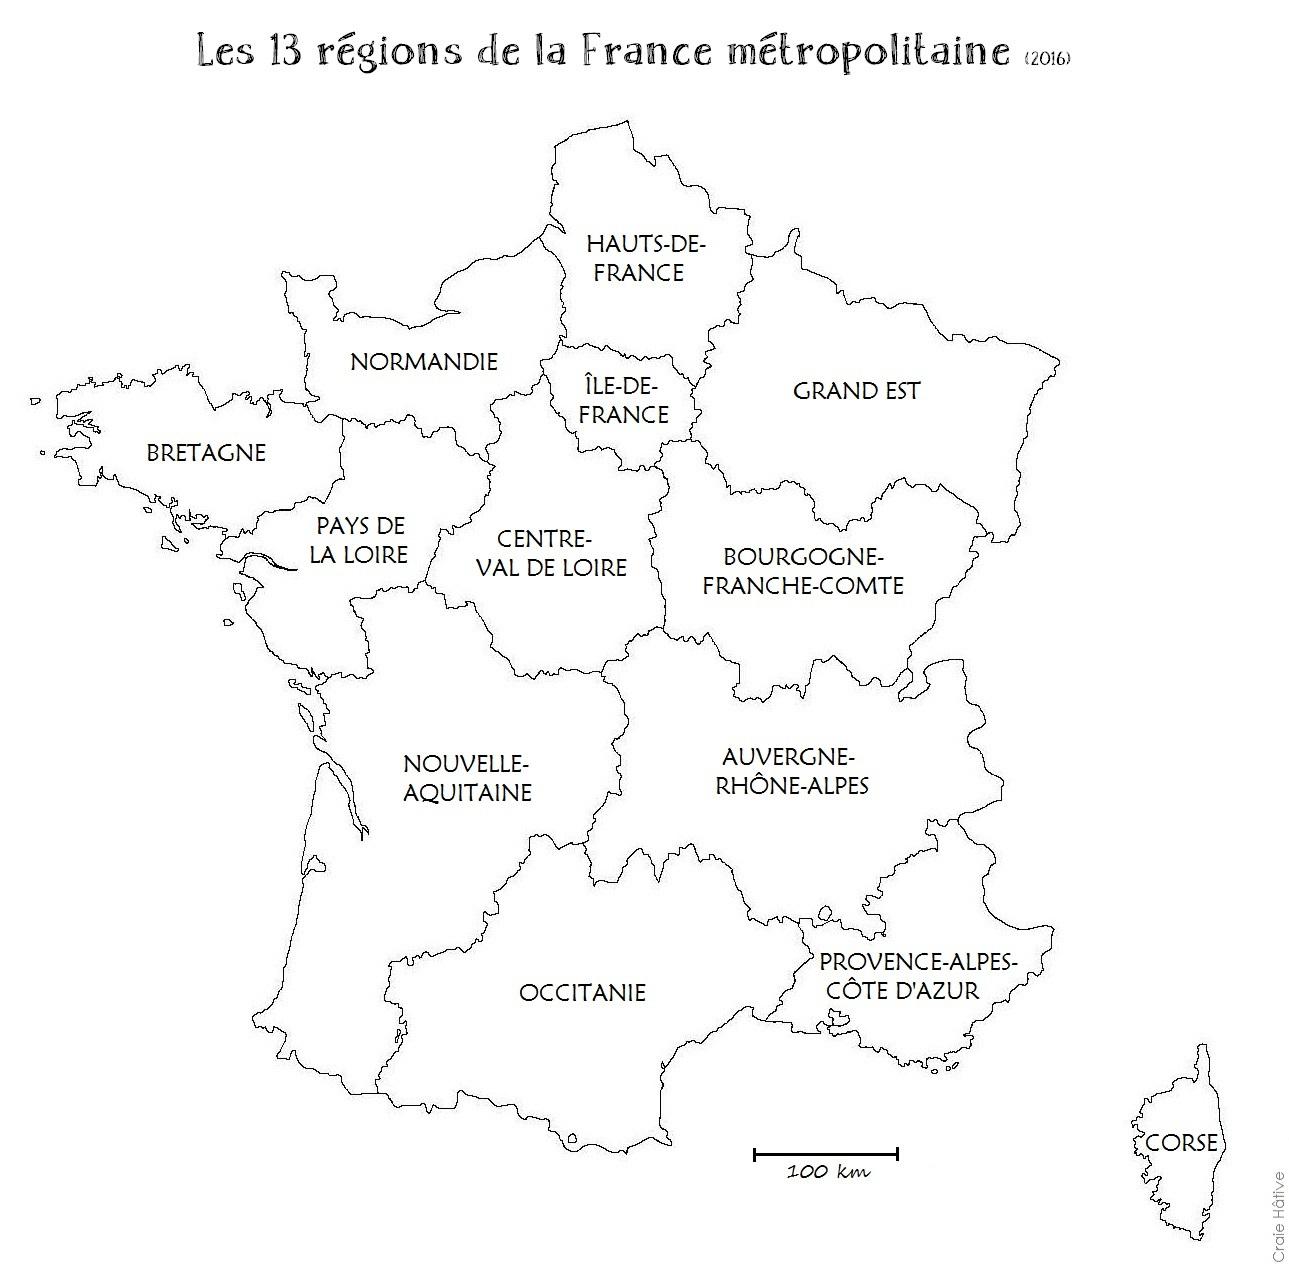 Cartes Des Régions De La France Métropolitaine - 2016 encequiconcerne Carte Des Régions De France 2016